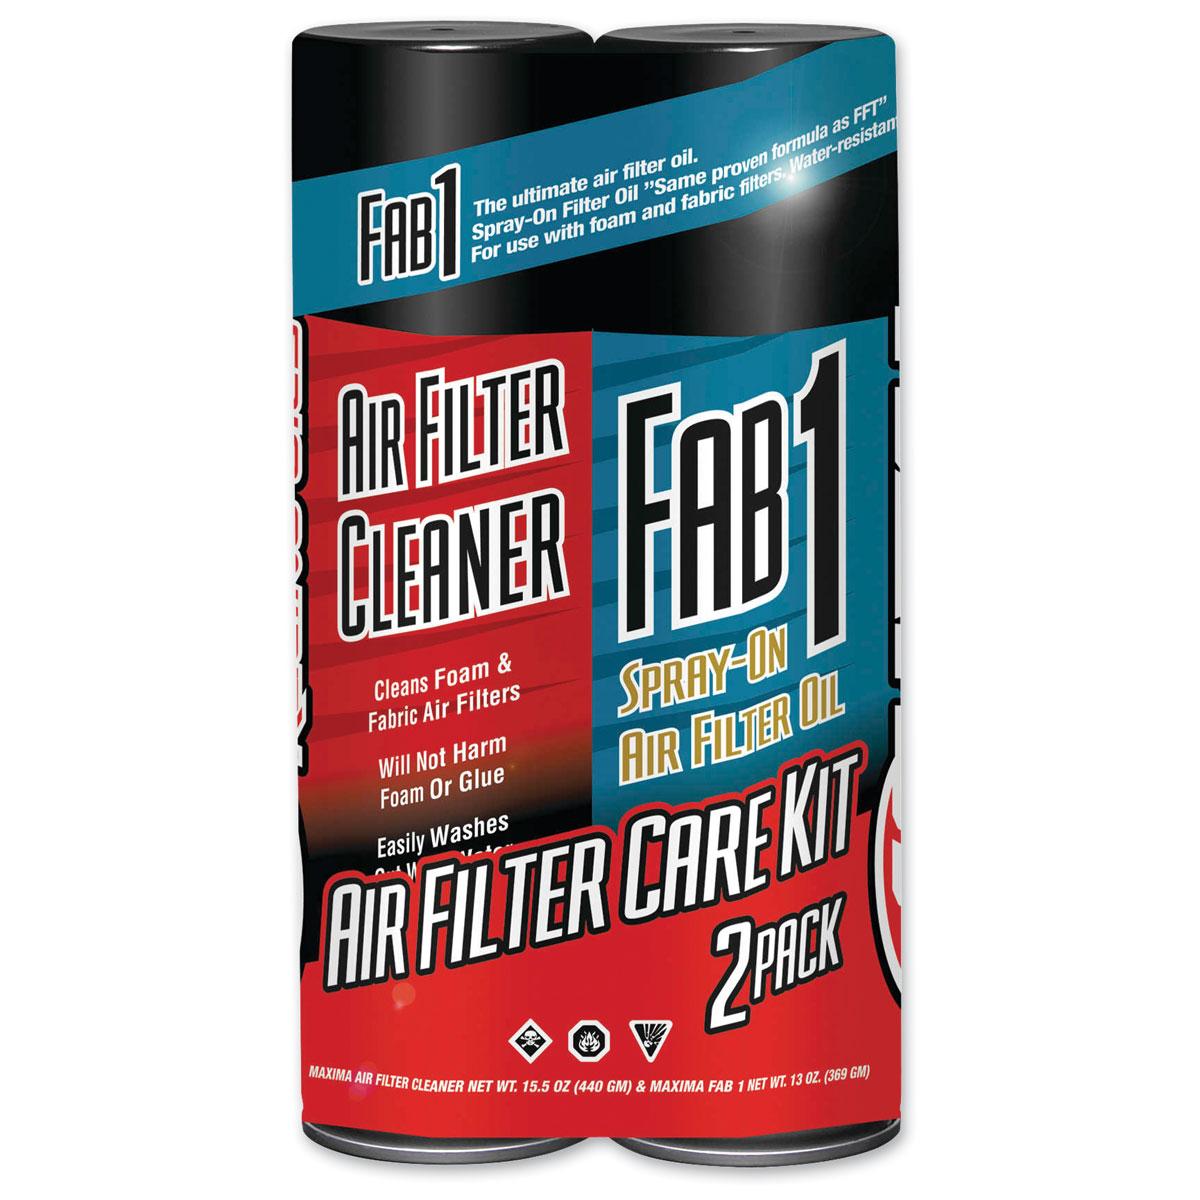 Maxima Air Filter Maintenance Care Kit Combo